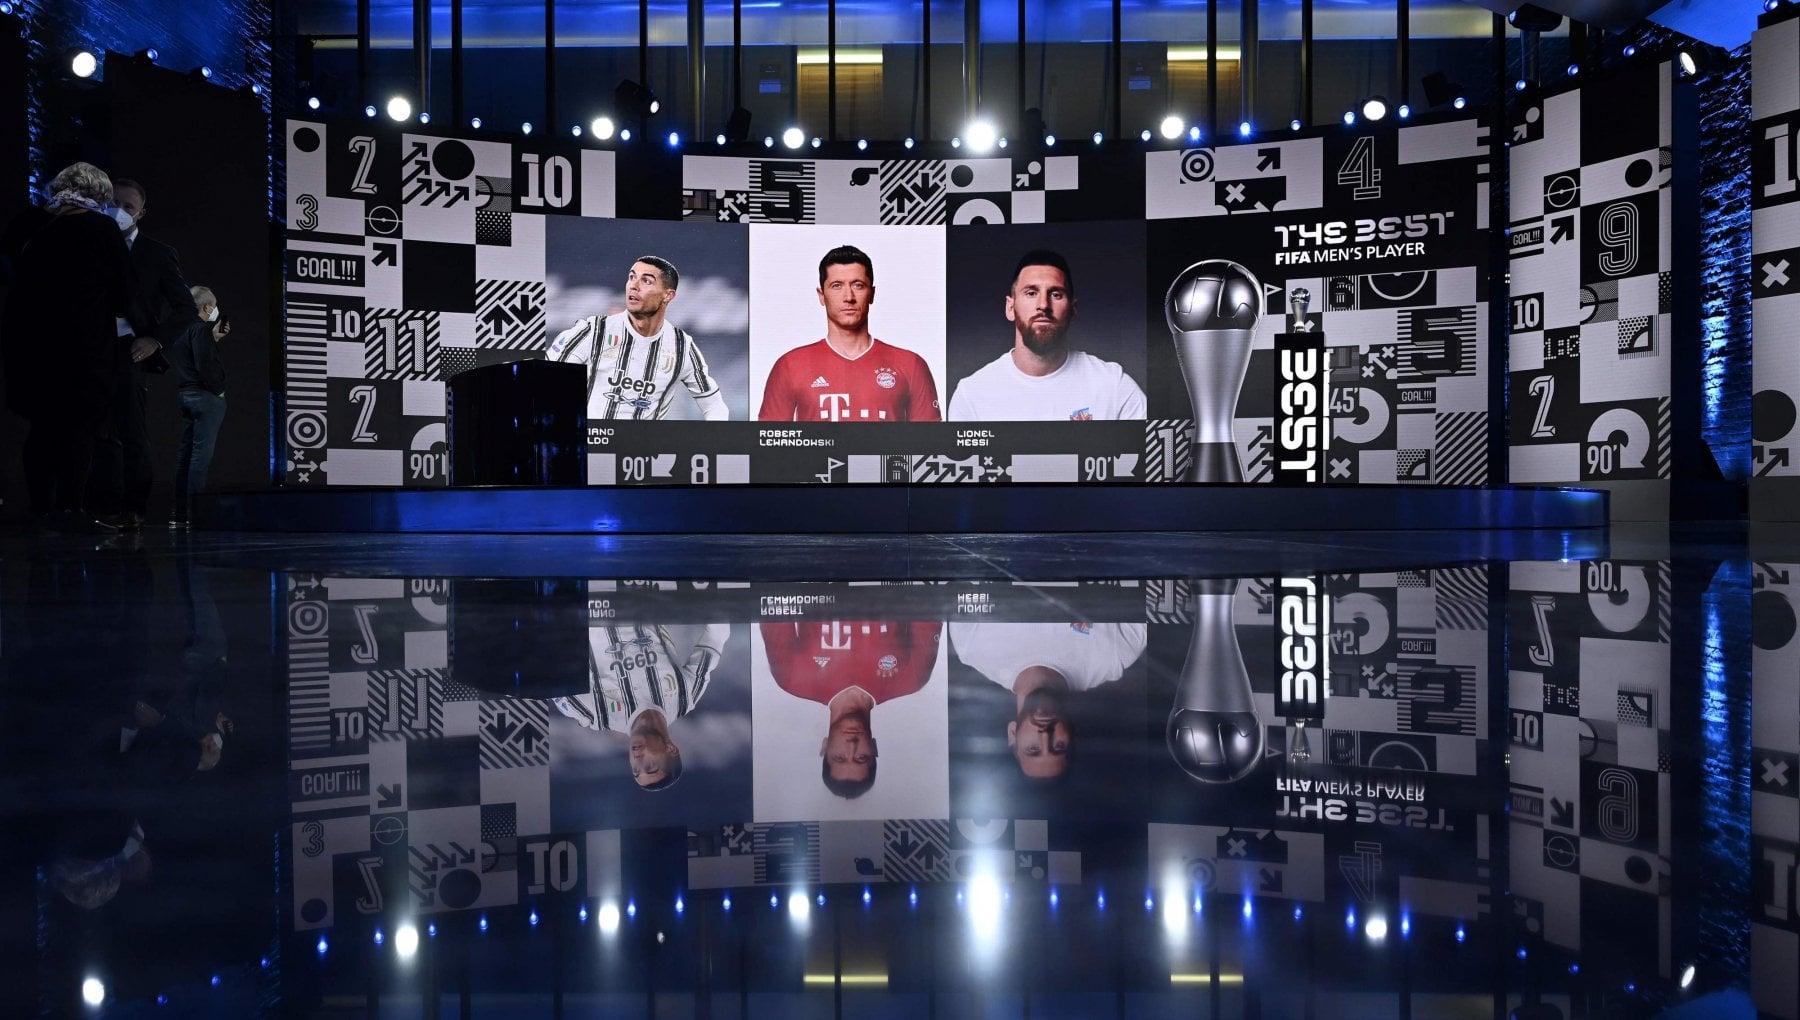 Best Fifa Awards trionfa Lewandowsky battuti Messi e Ronaldo